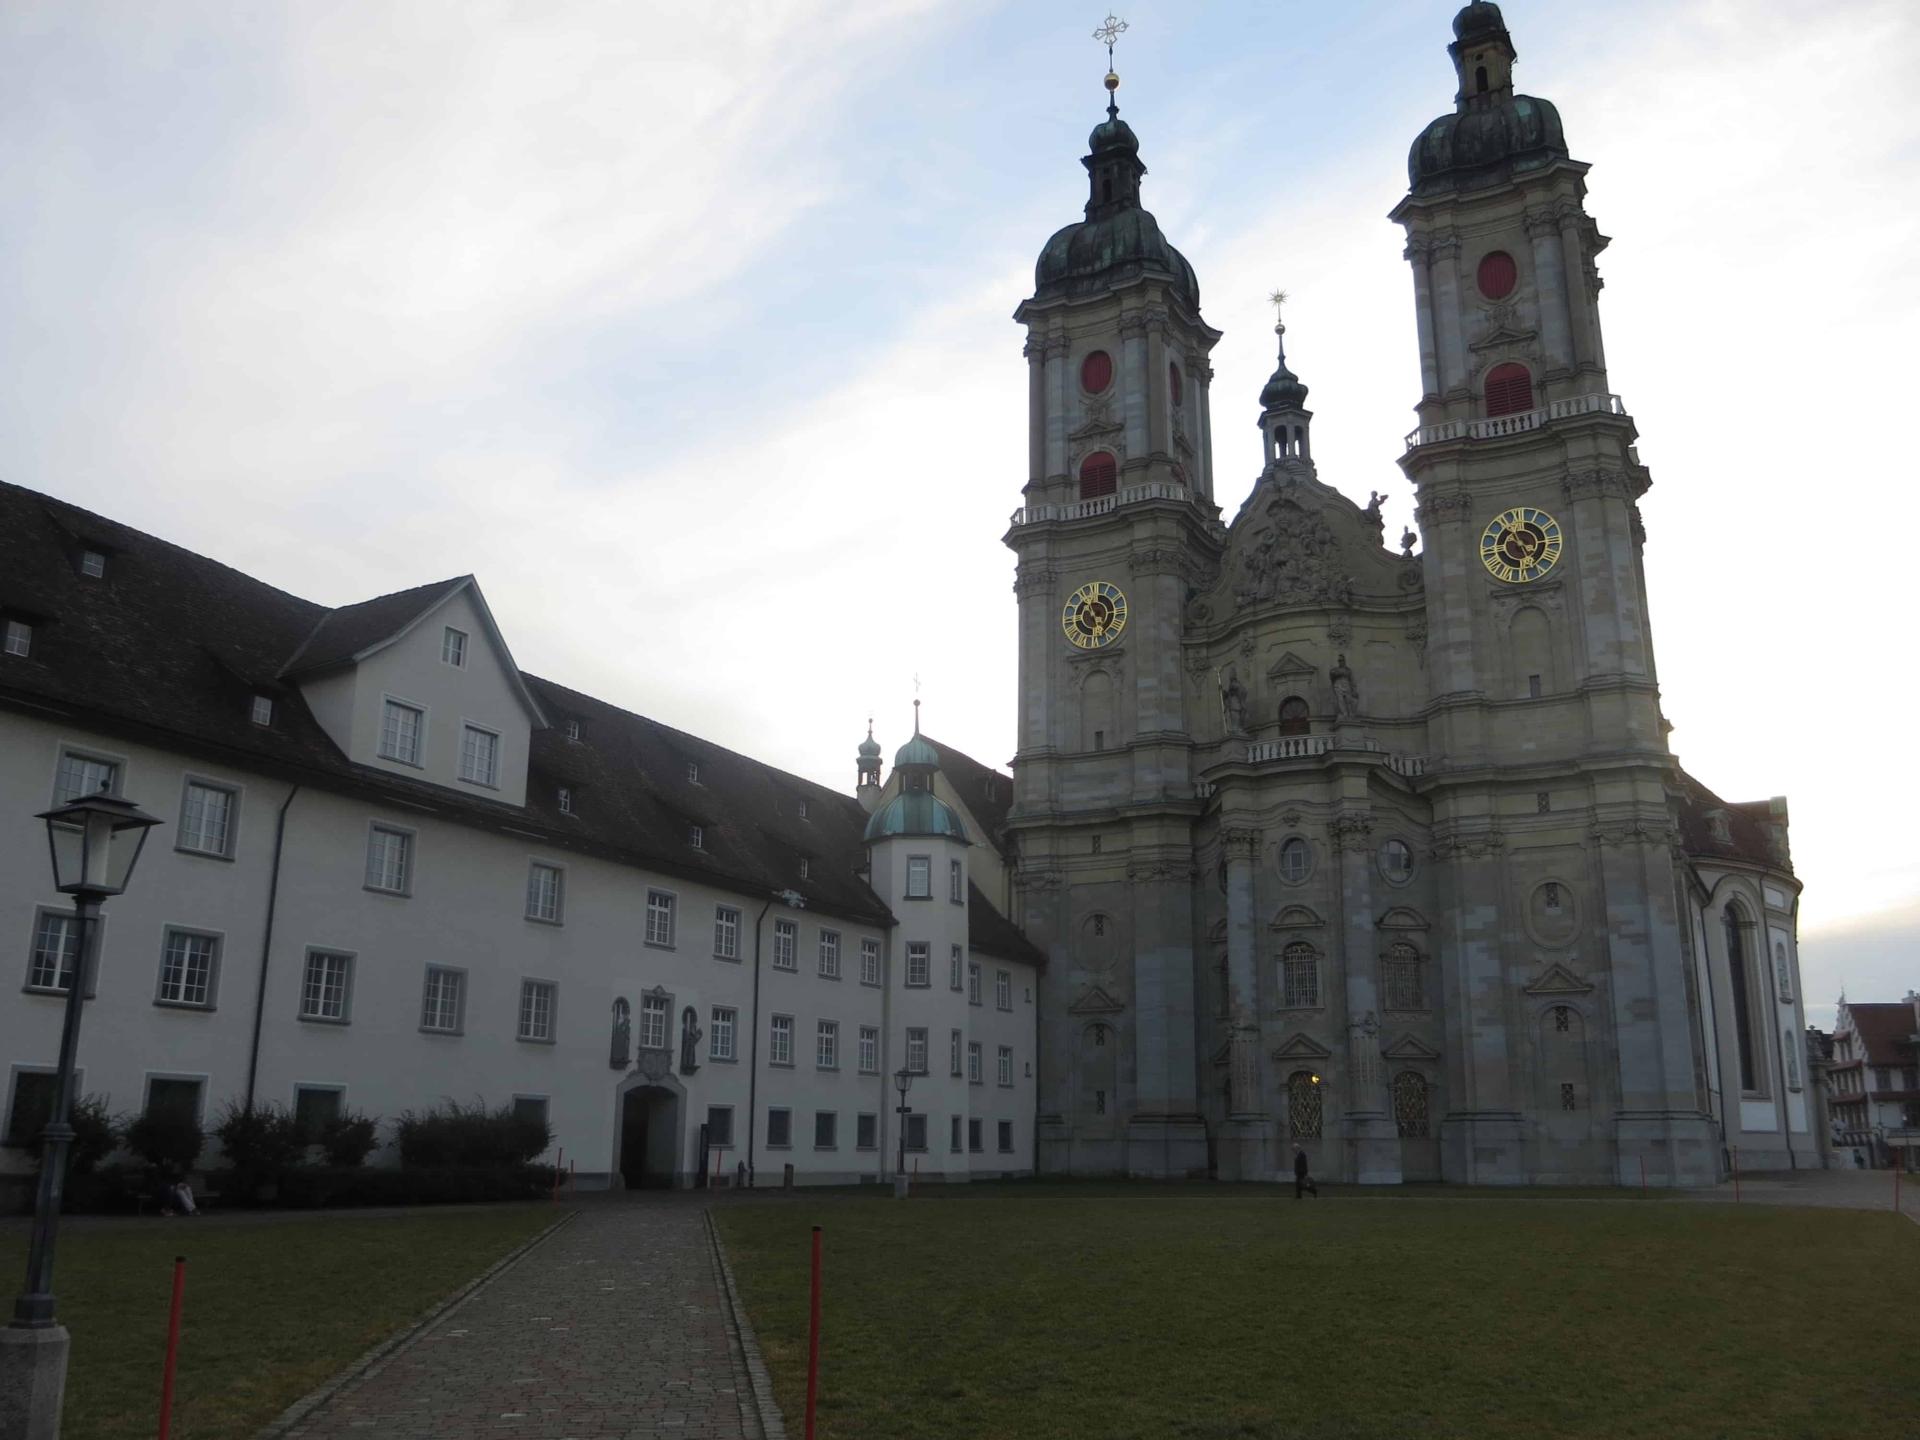 00 Fuerstabtei Kathedrale St.Gallen Schweiz